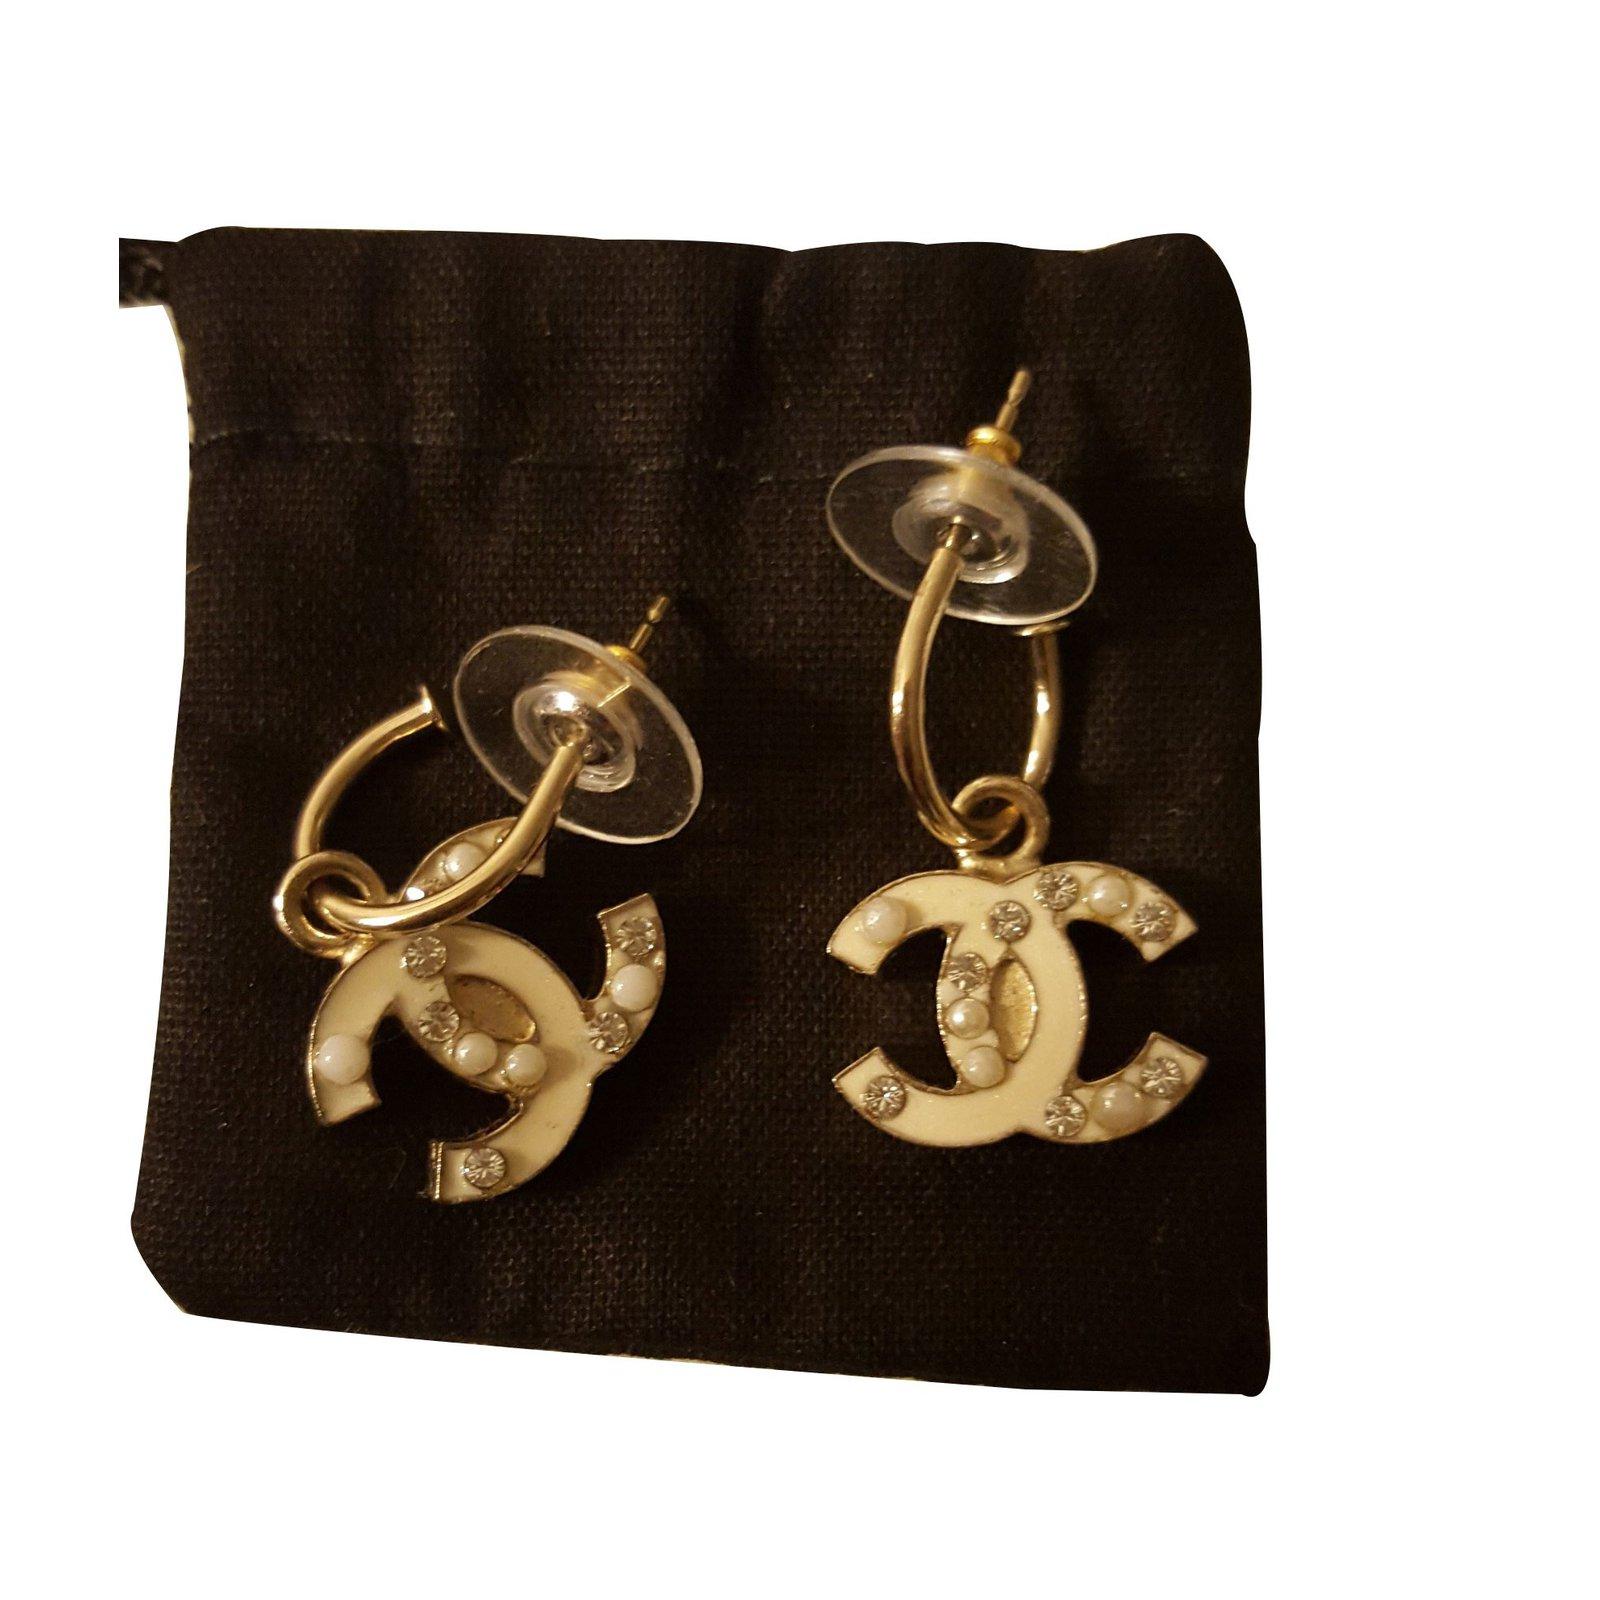 boucles d 39 oreilles chanel boucles d 39 oreilles autre beige joli closet. Black Bedroom Furniture Sets. Home Design Ideas